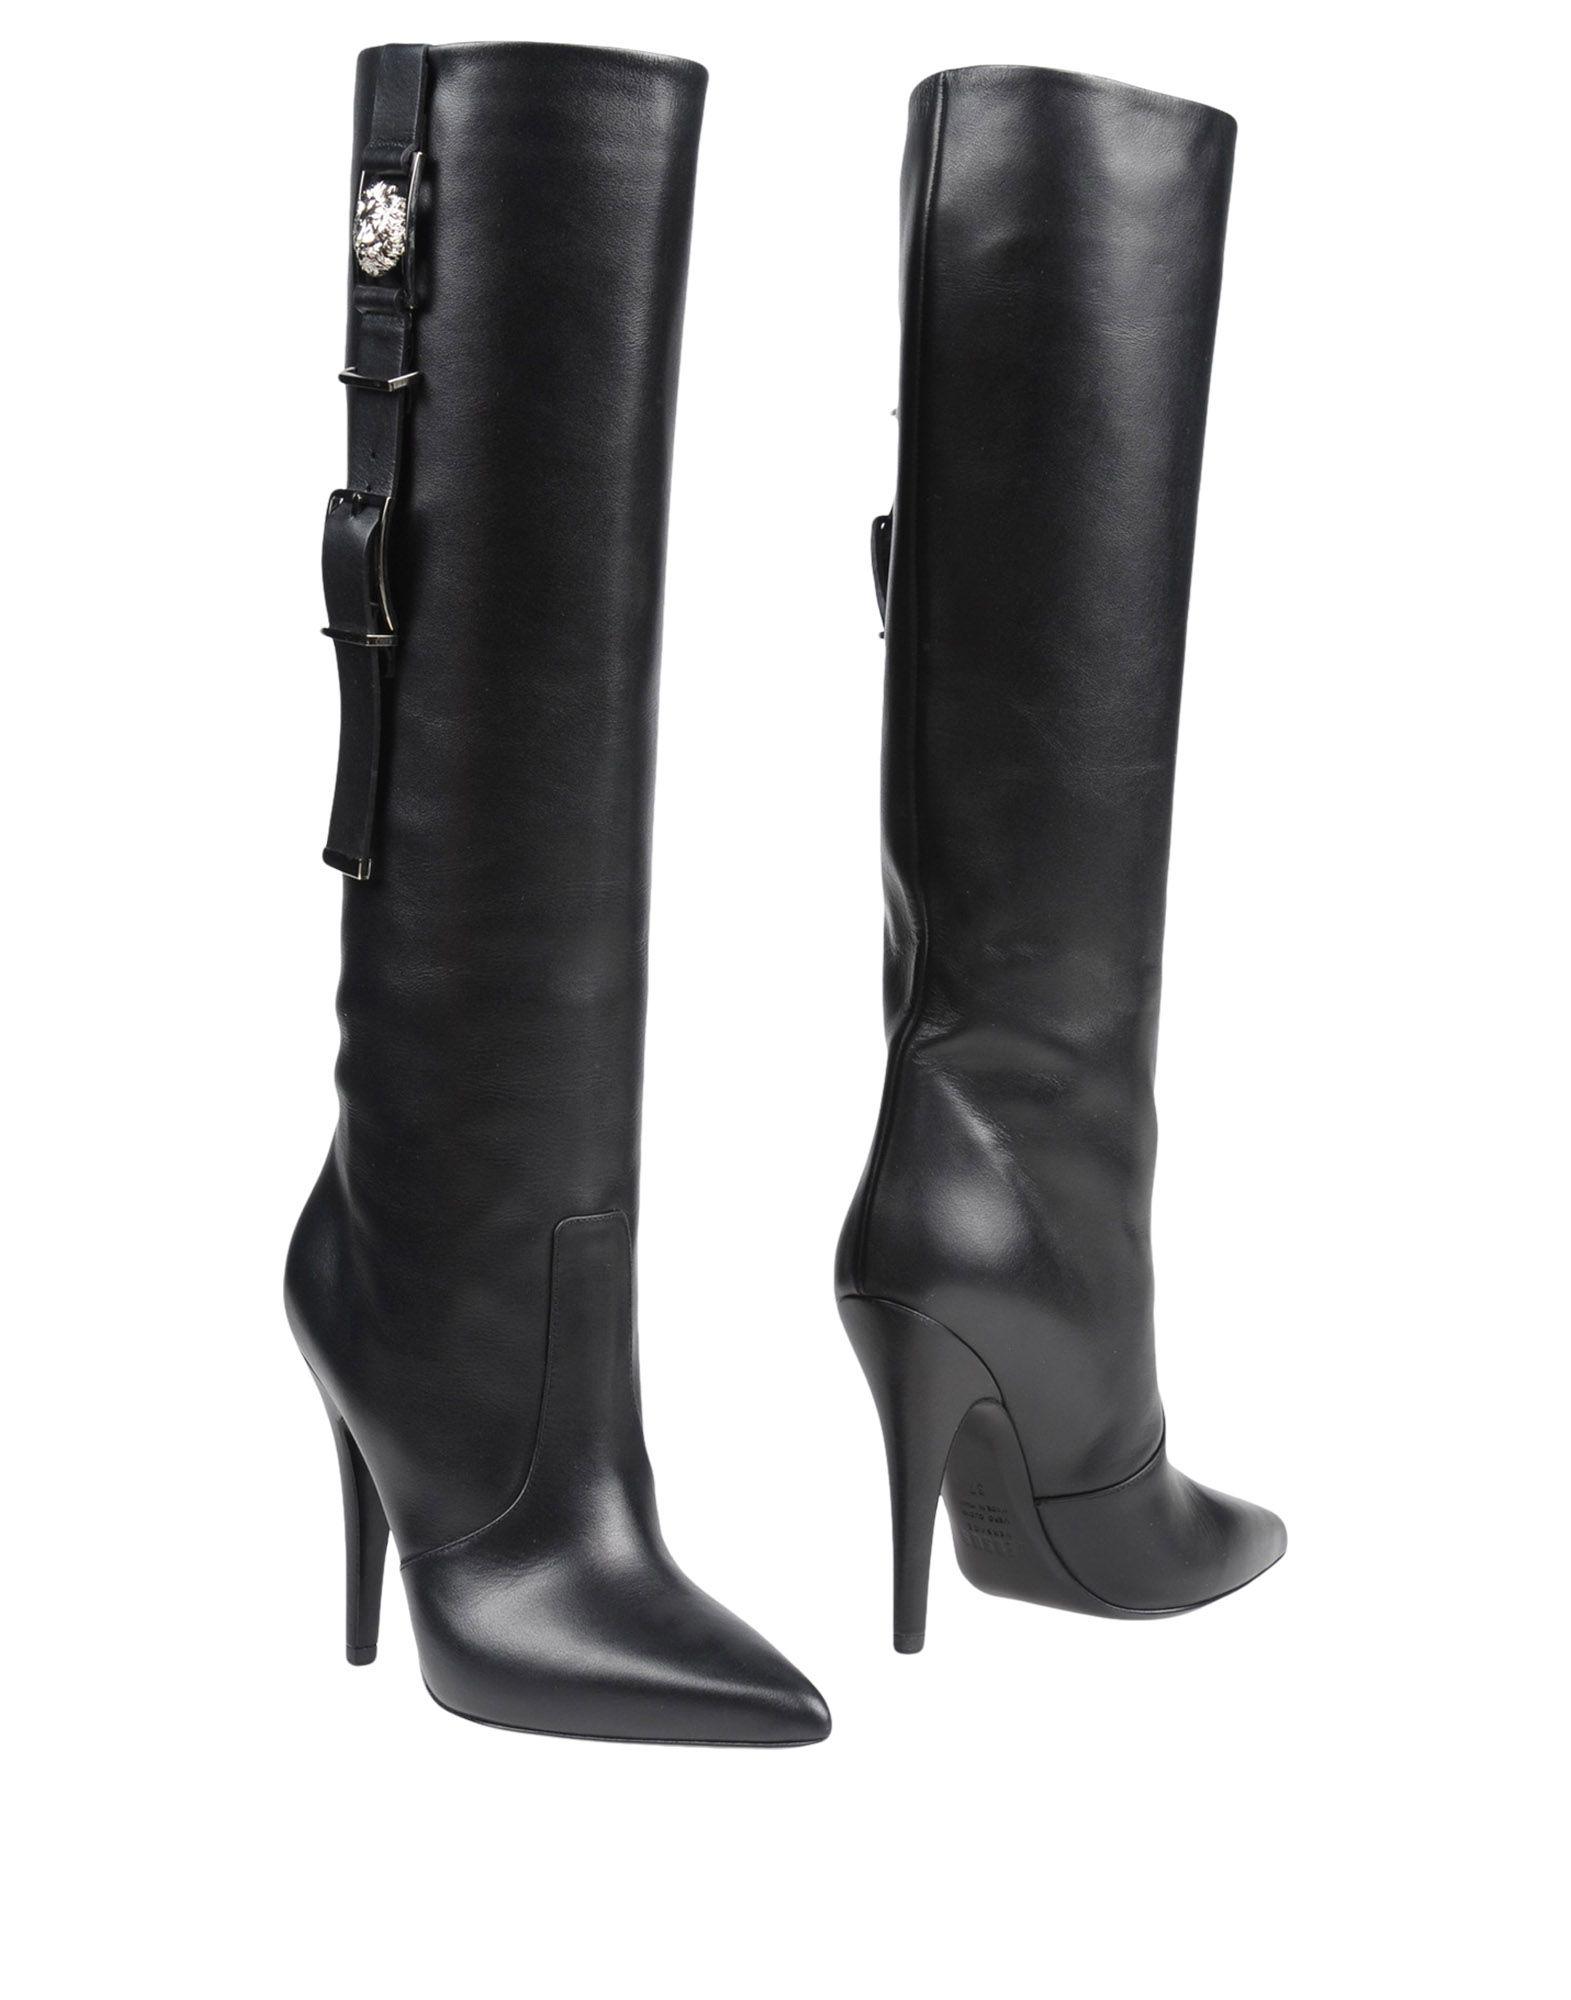 Versus Versace Stiefel Damen  Schuhe 11423457ORGünstige gut aussehende Schuhe  c5b1e9